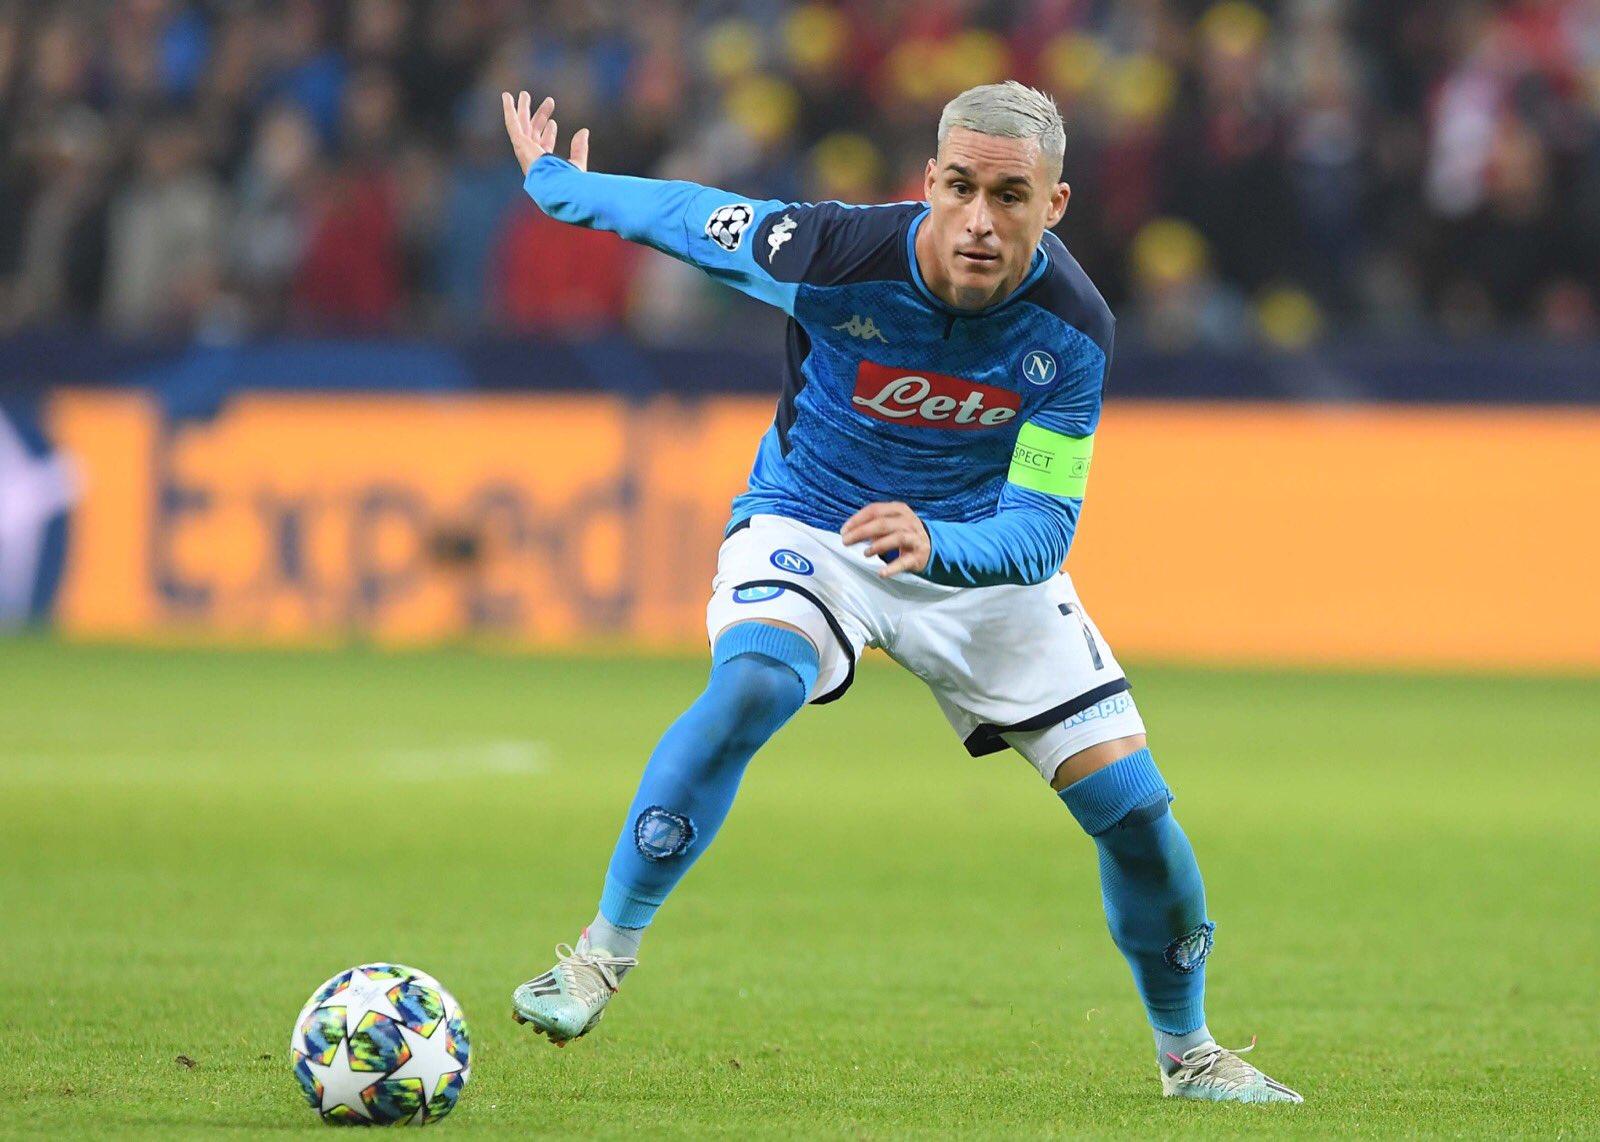 CorSport: Callejon 320 presenze col Napoli, è ad un passo dal raggiungere Ciro Ferrara